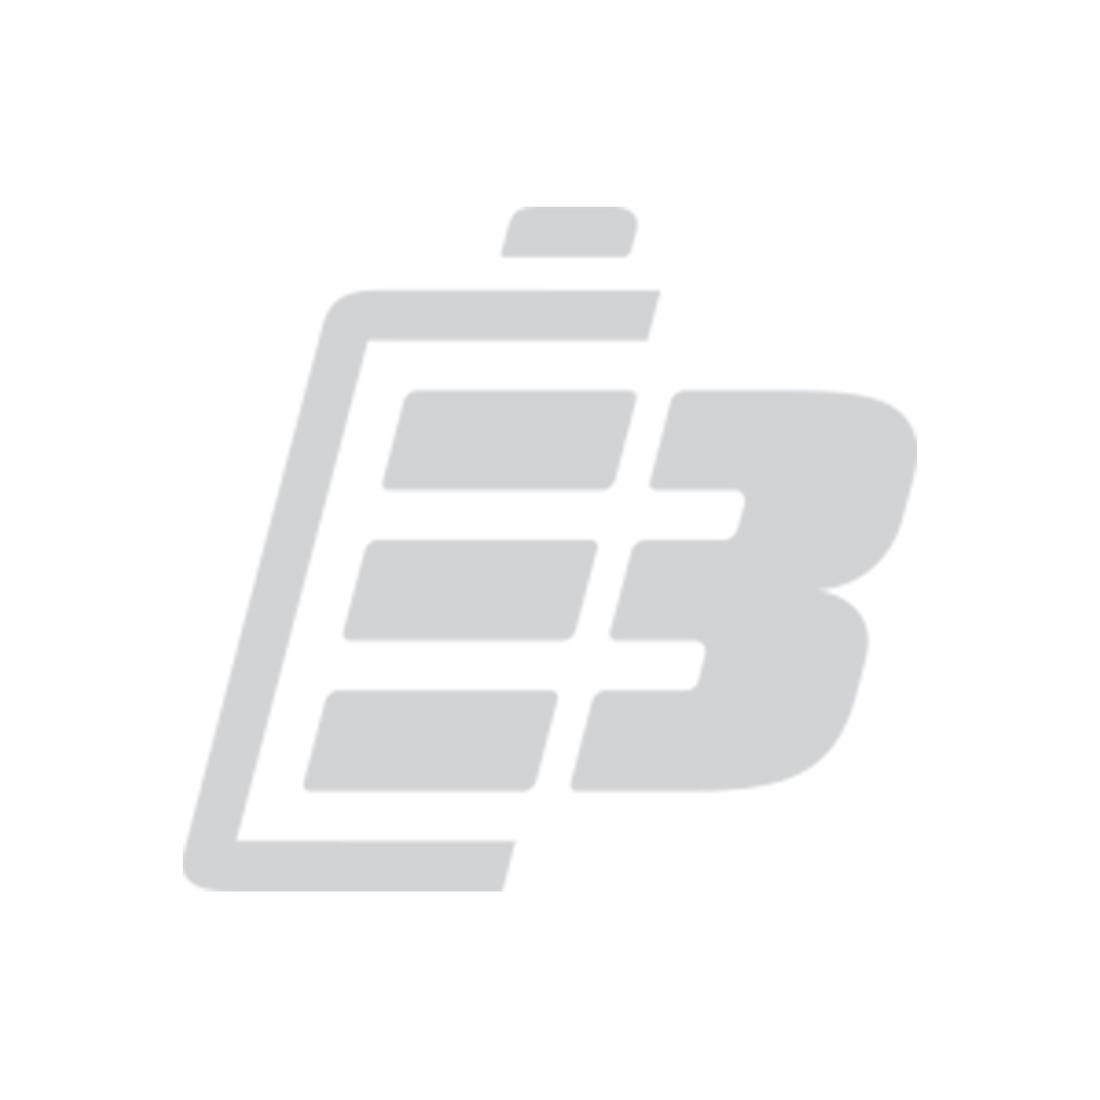 Smartwatch battery Samsung Gear 1_1